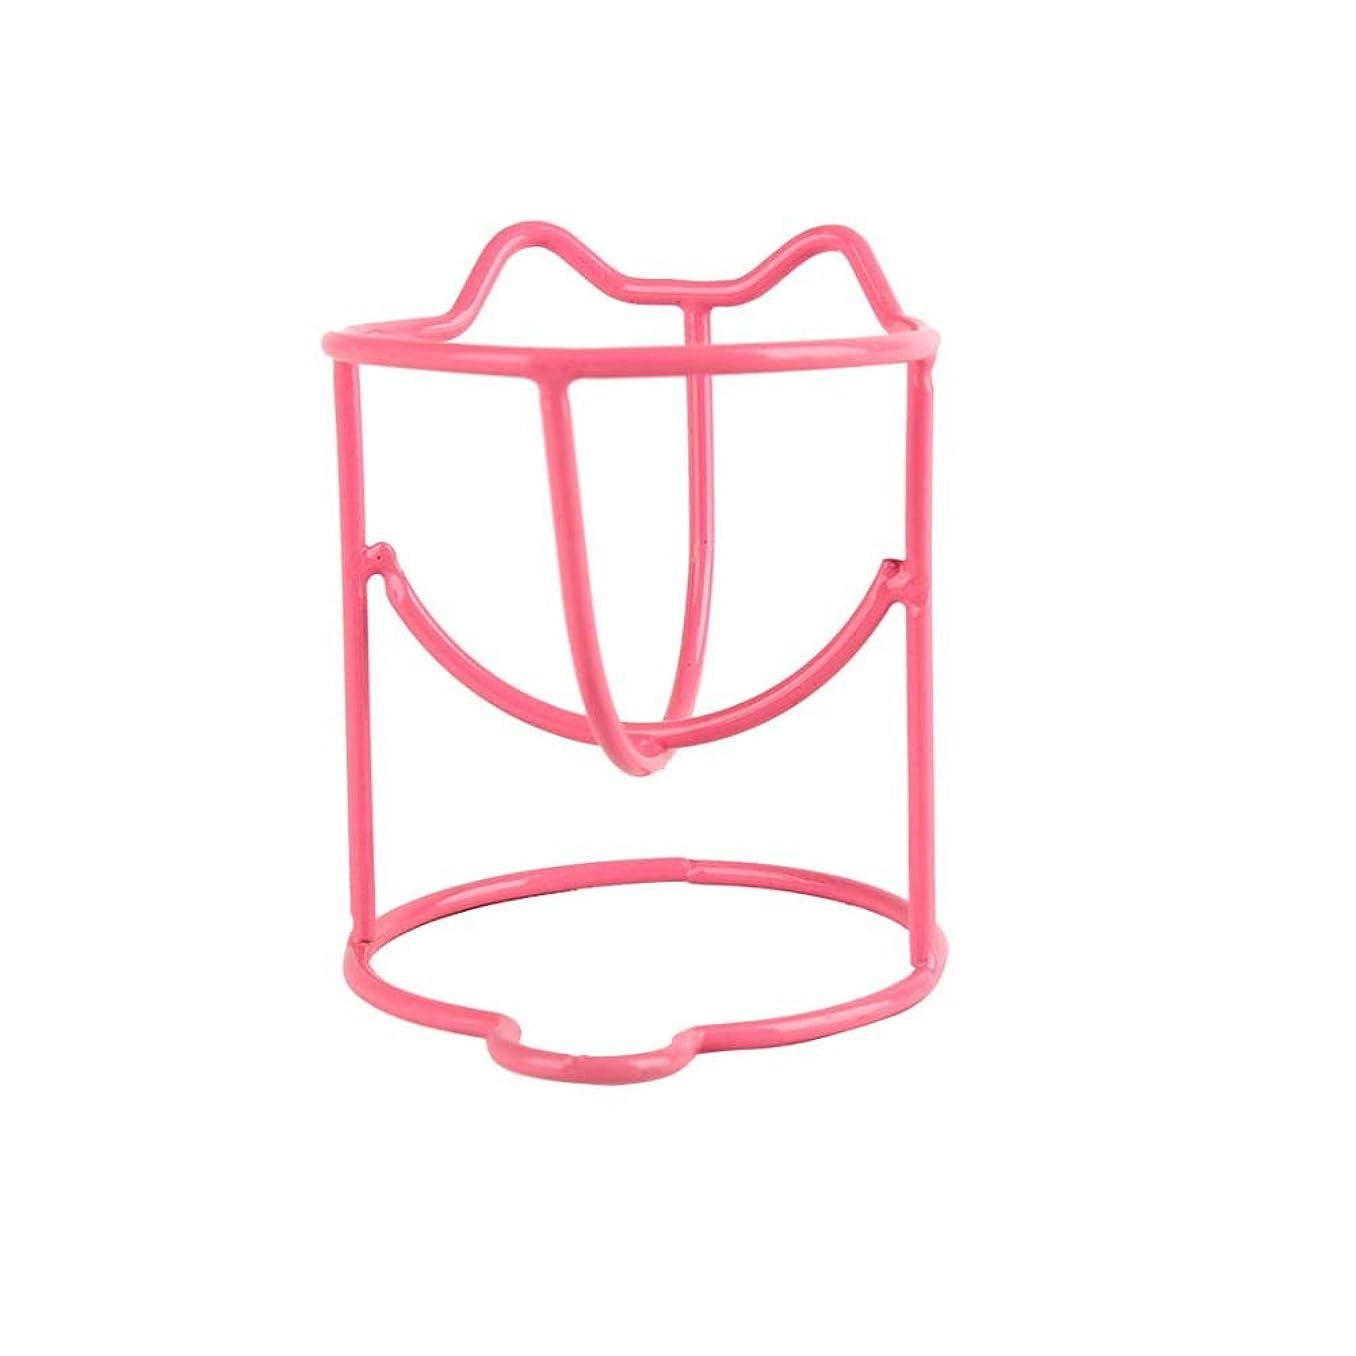 分配します怒ってニッケルファッションメイク卵パウダーパフスポンジディスプレイスタンド乾燥ホルダーラックのセット